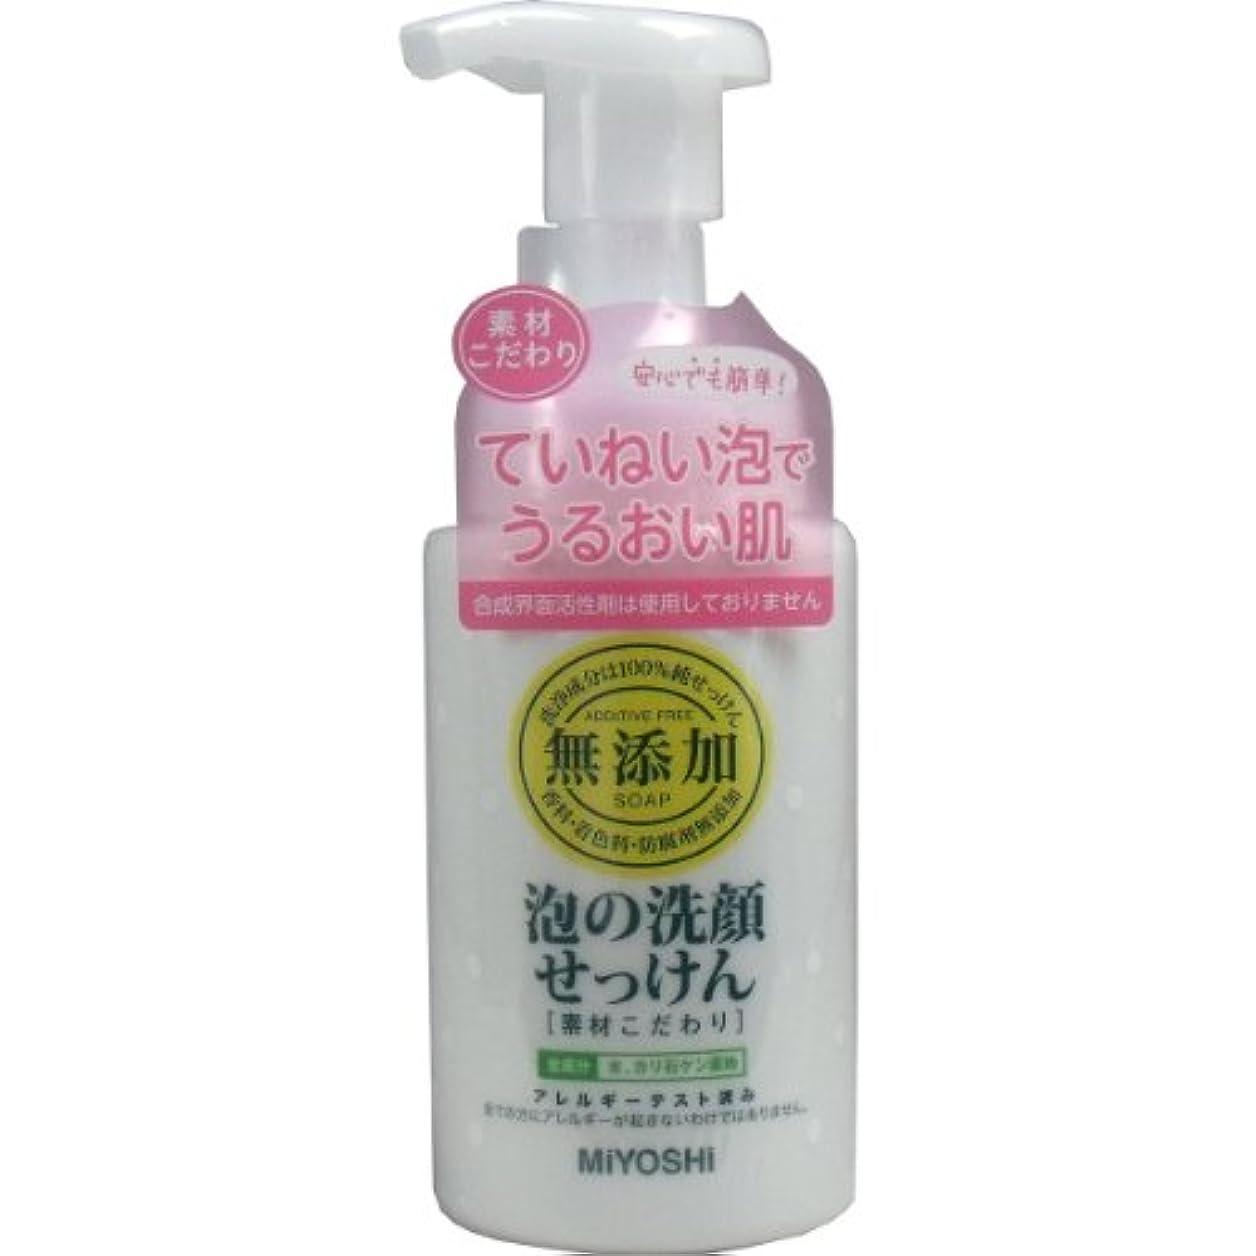 ファームネズミ縁【ミヨシ石鹸】無添加 泡の洗顔せっけん 200ml ×5個セット